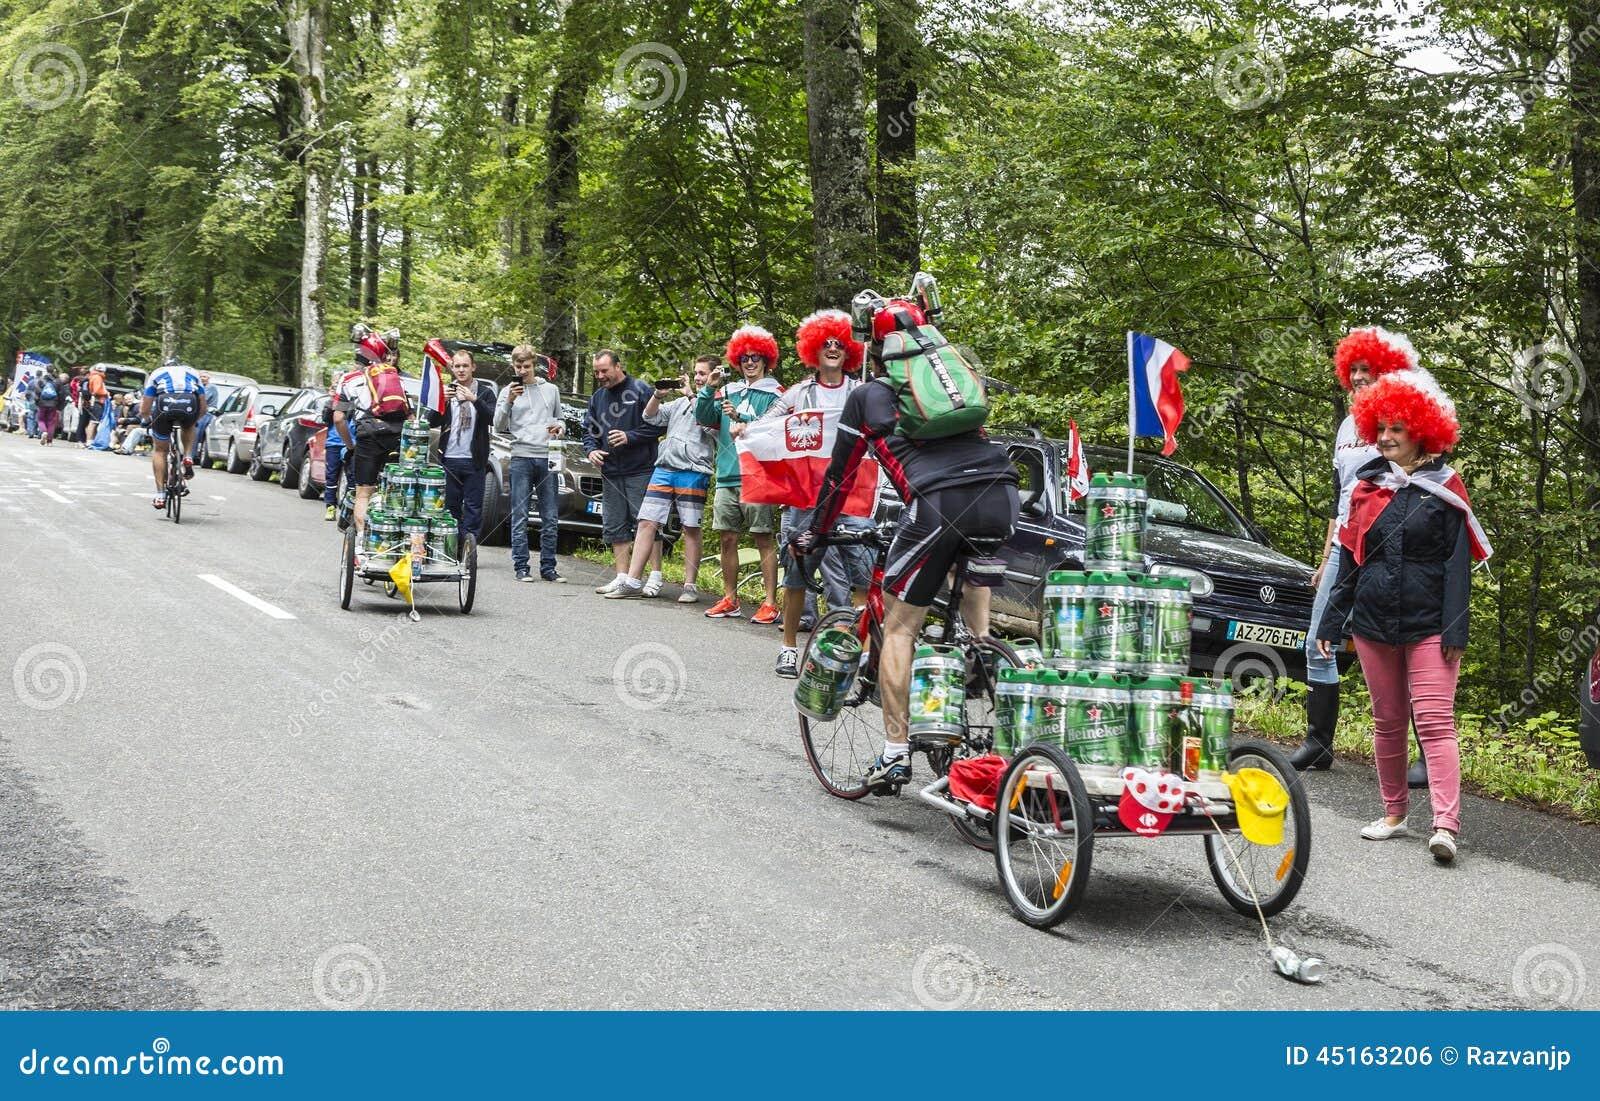 滑稽的非职业骑自行车者